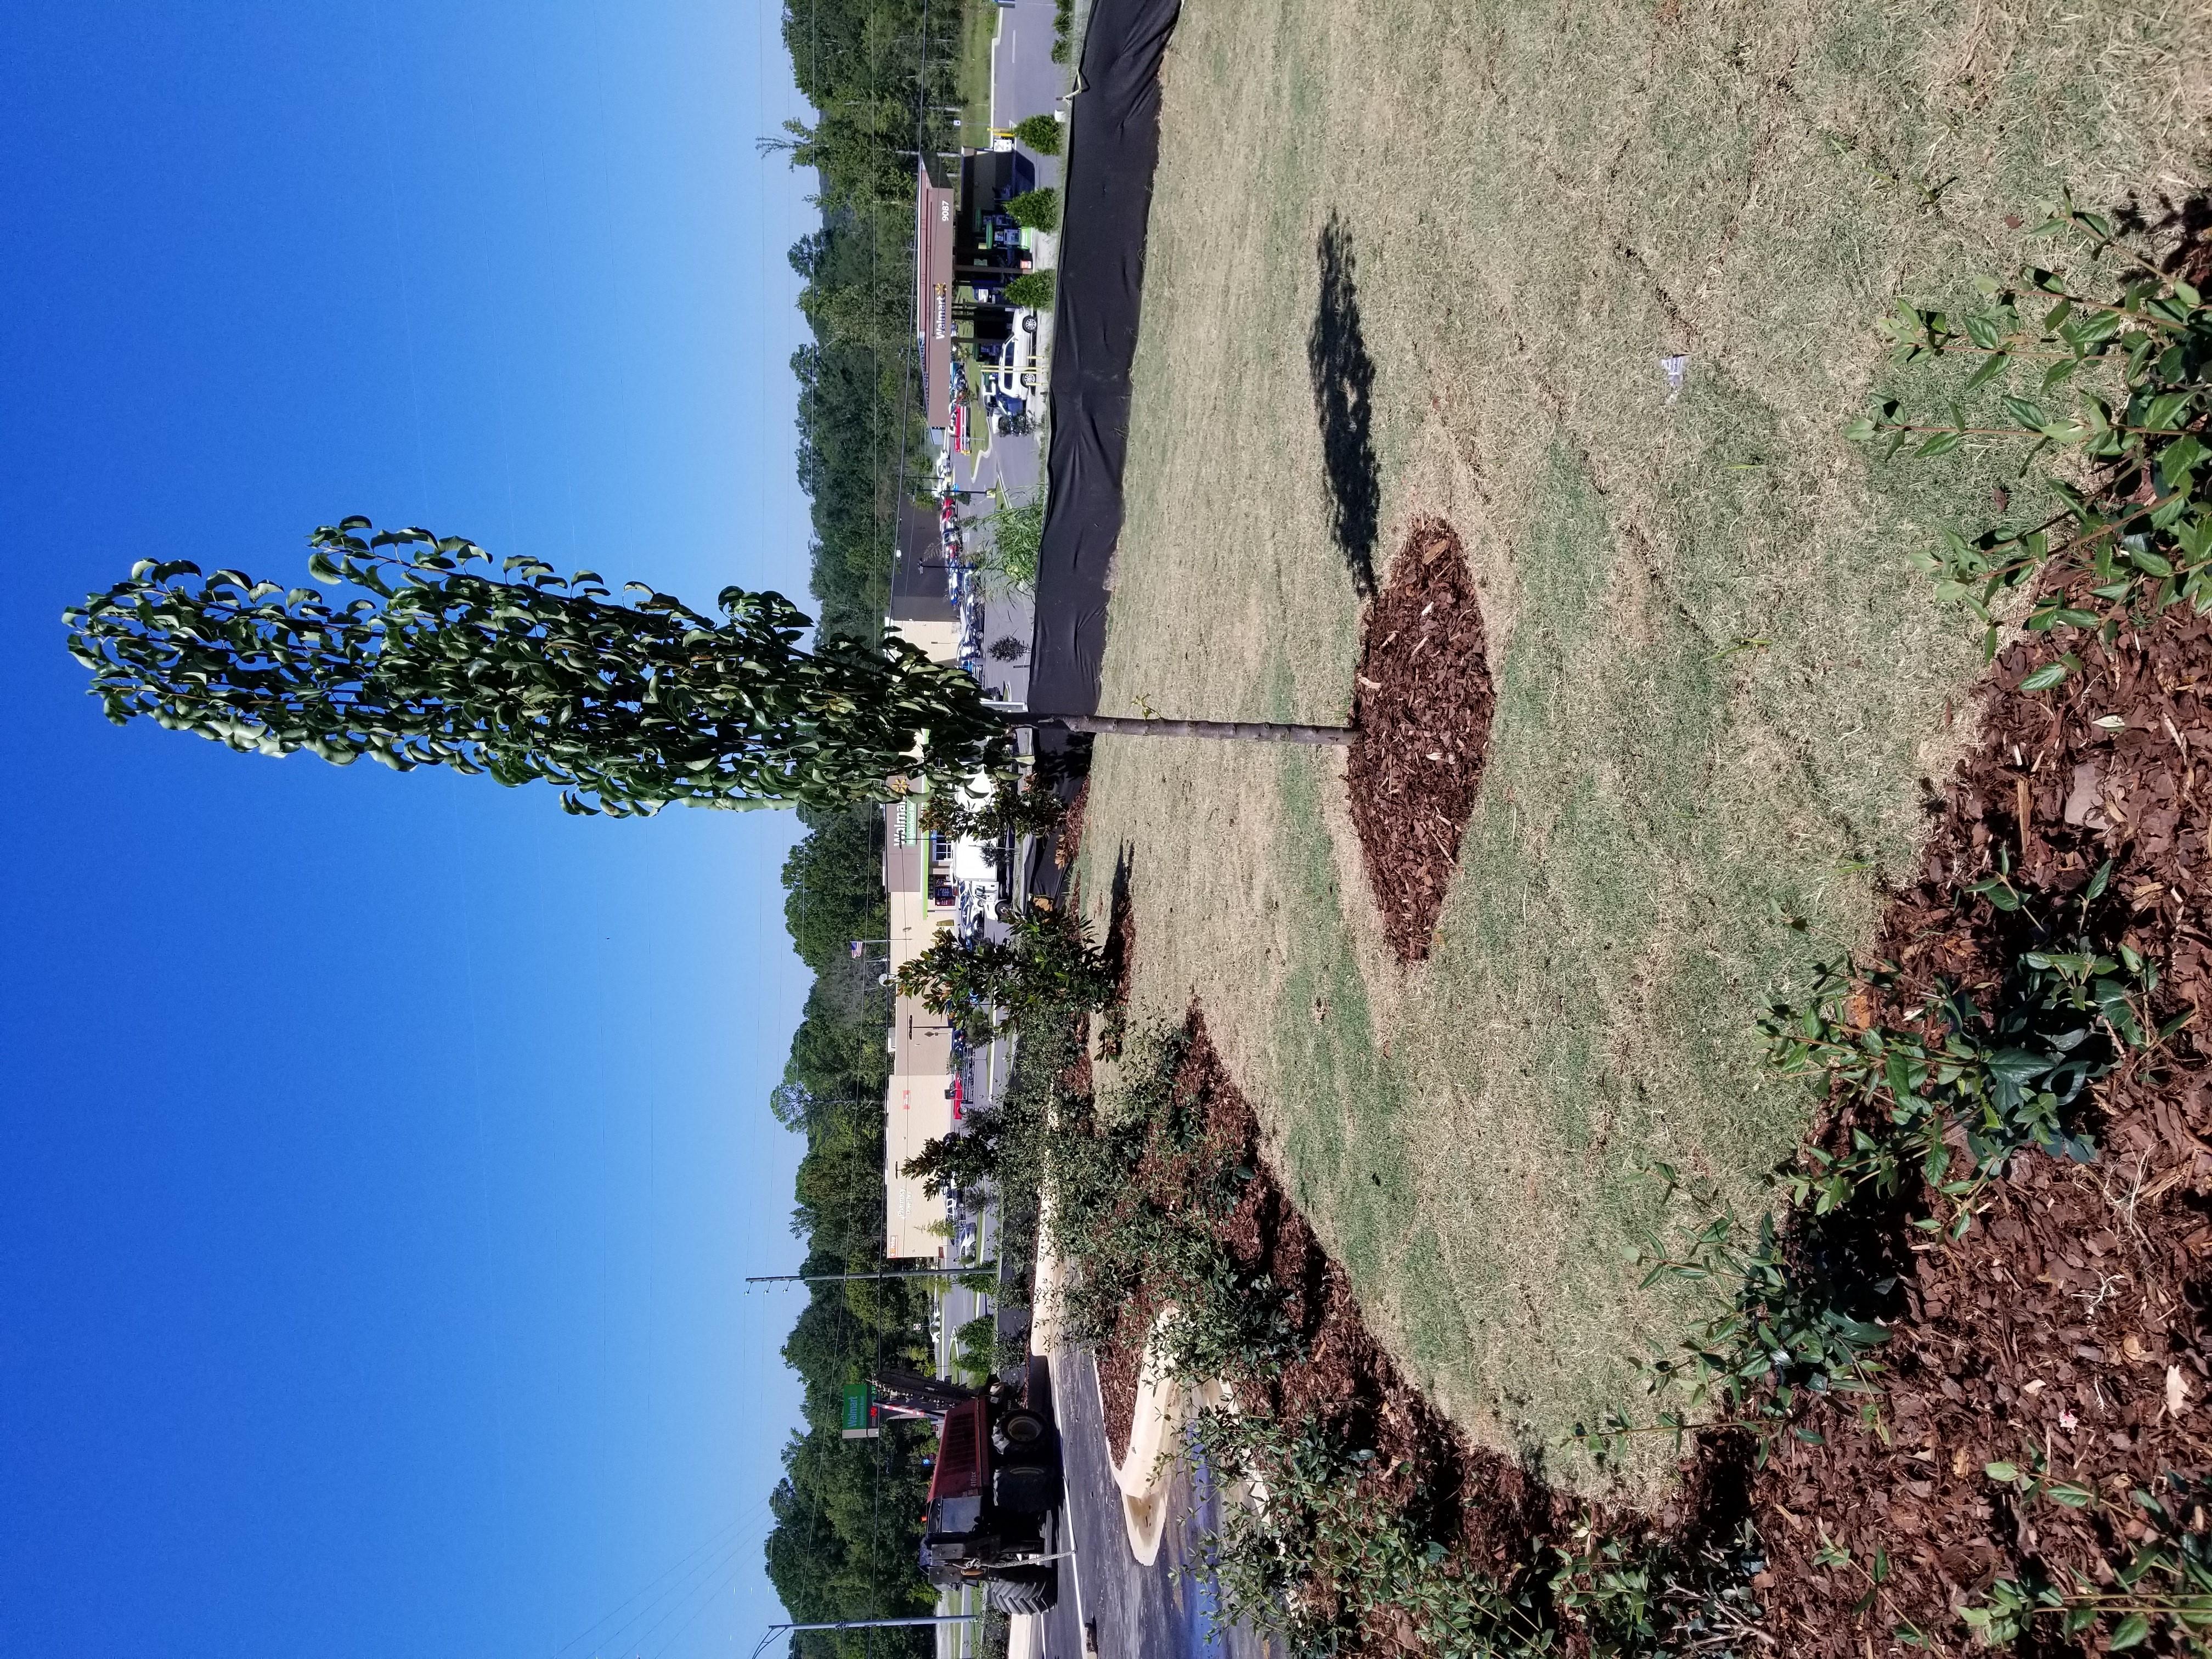 Alabaster Landscape Design and Irrigation Services